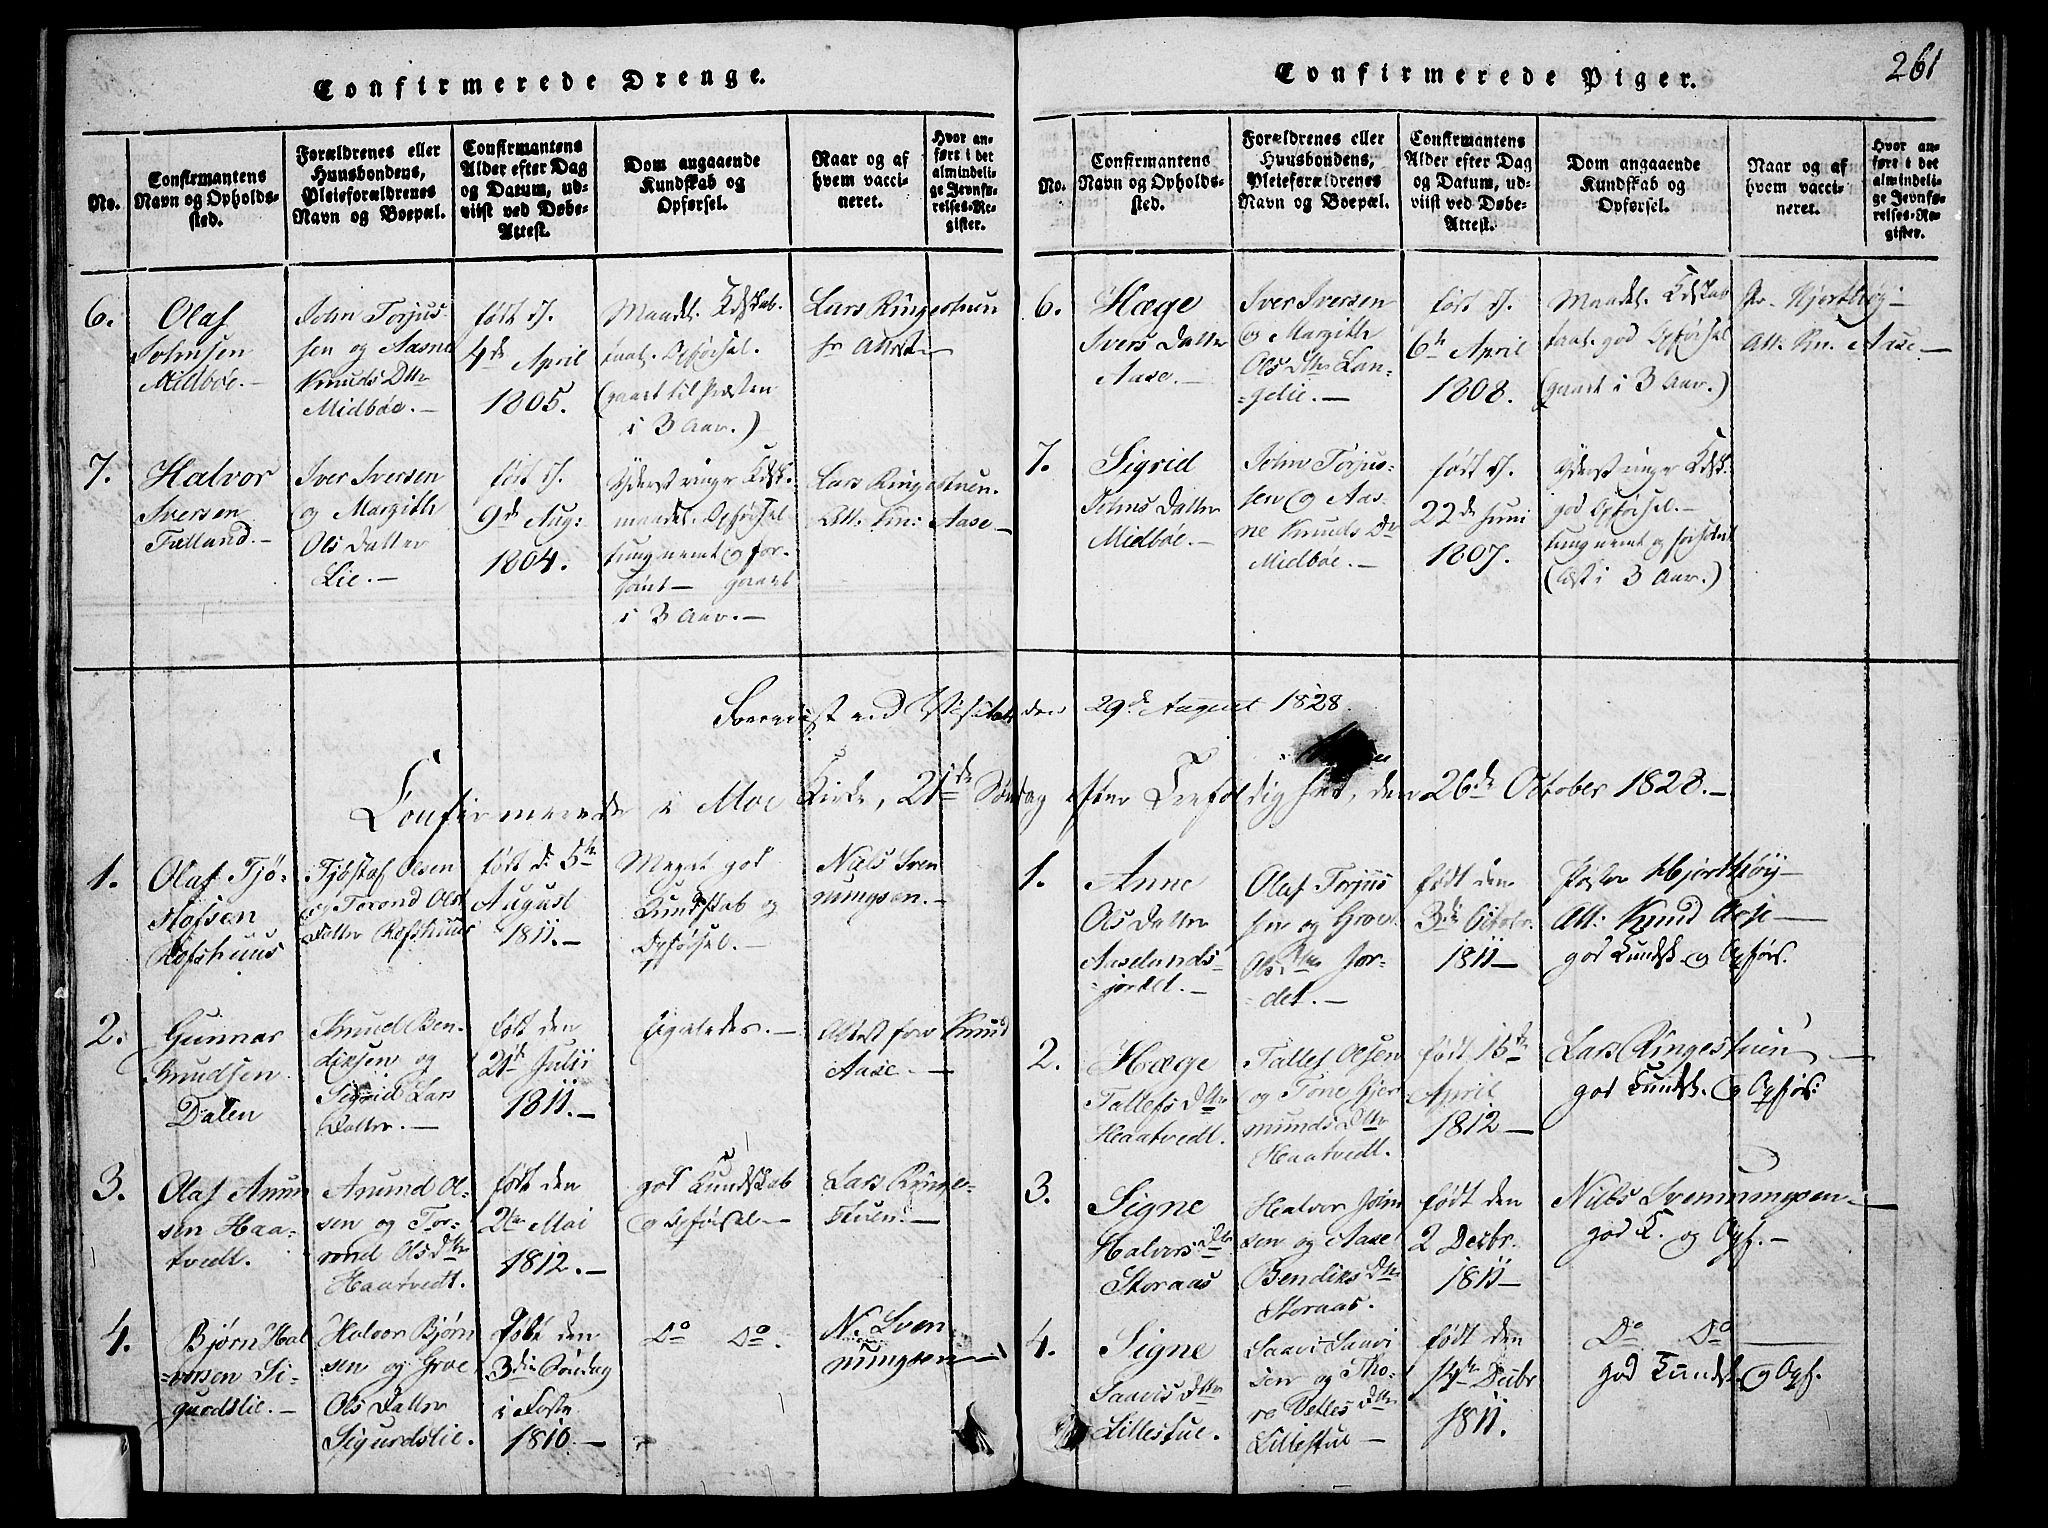 SAKO, Mo kirkebøker, F/Fa/L0004: Ministerialbok nr. I 4, 1814-1844, s. 261